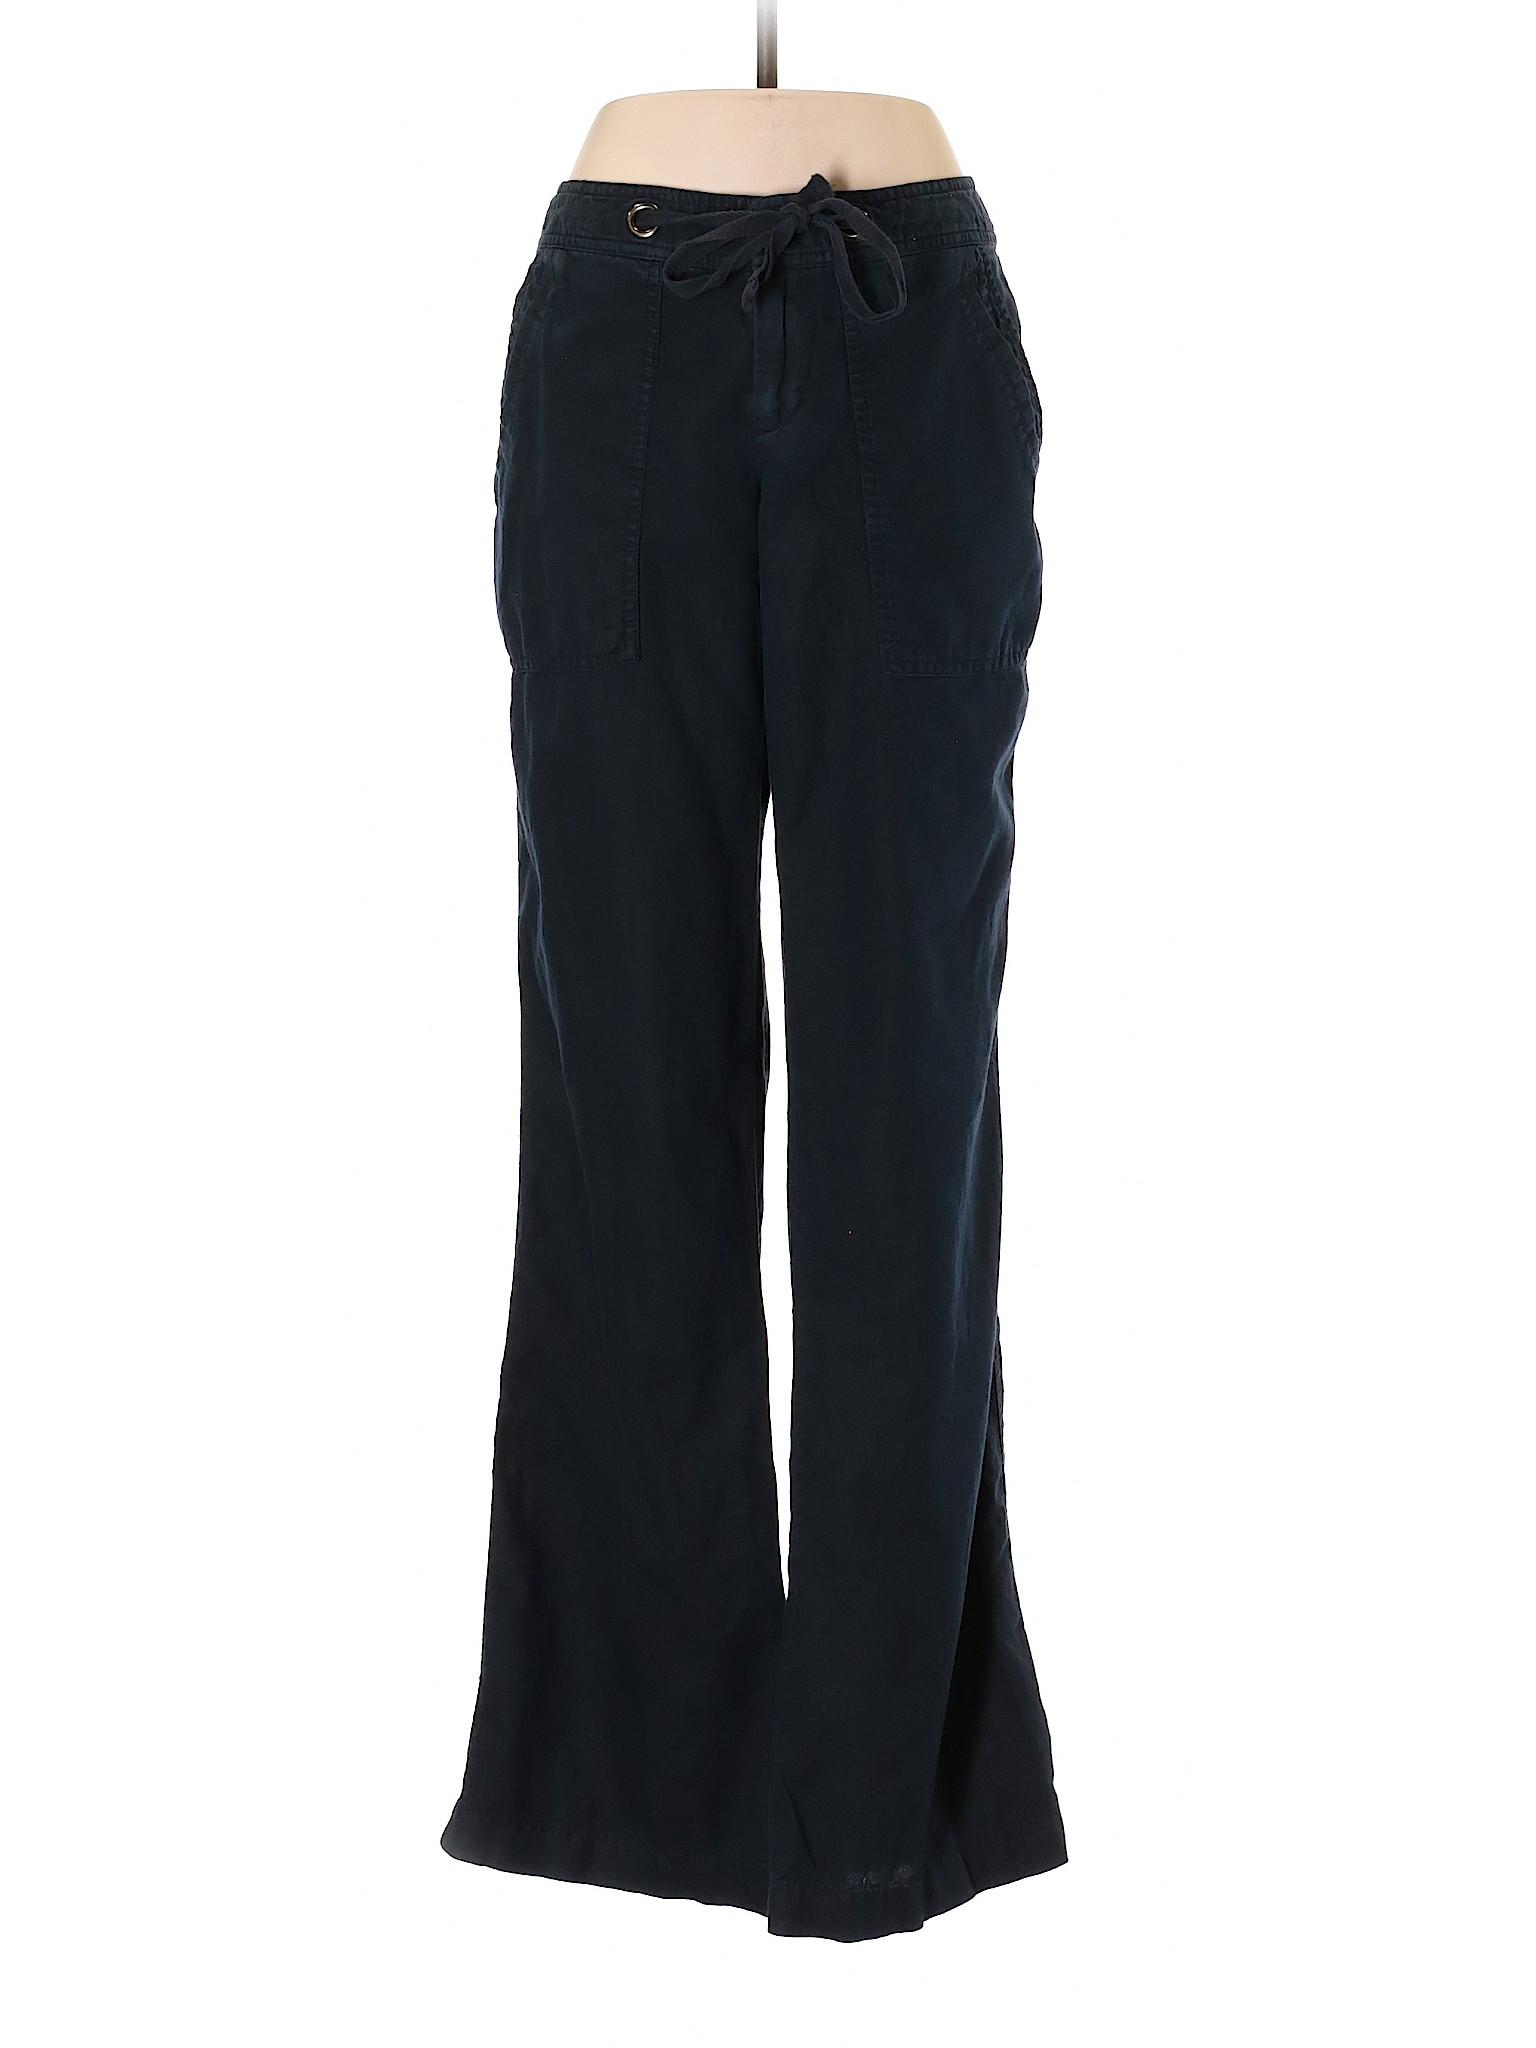 Banana Republic Store Linen leisure Boutique Pants Factory vAqawf7